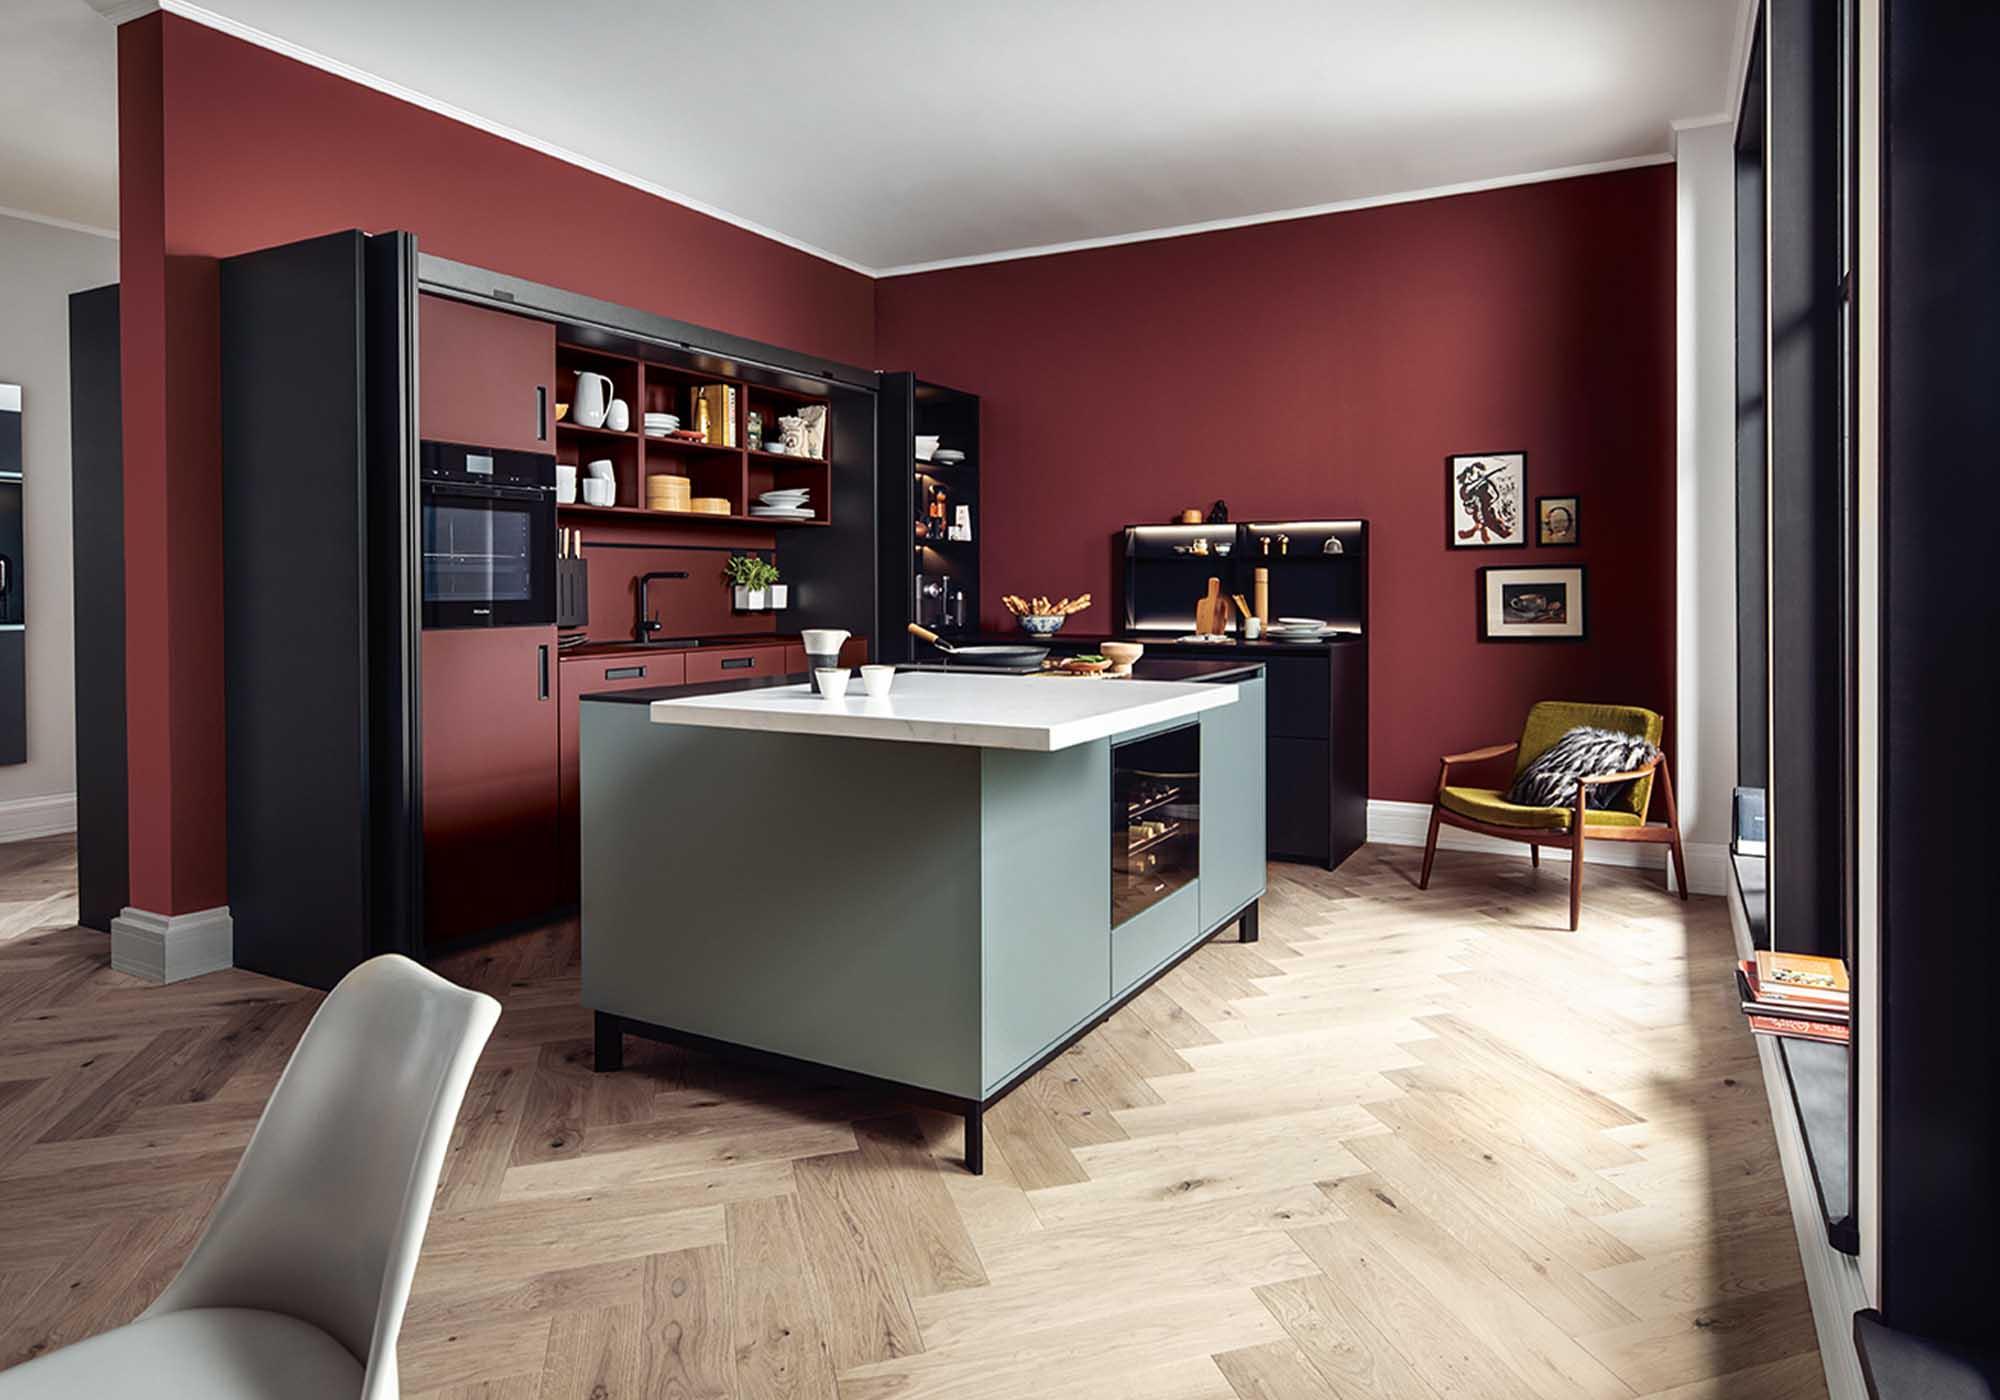 Küchen-Formen: Küche mit einer Kochinsel